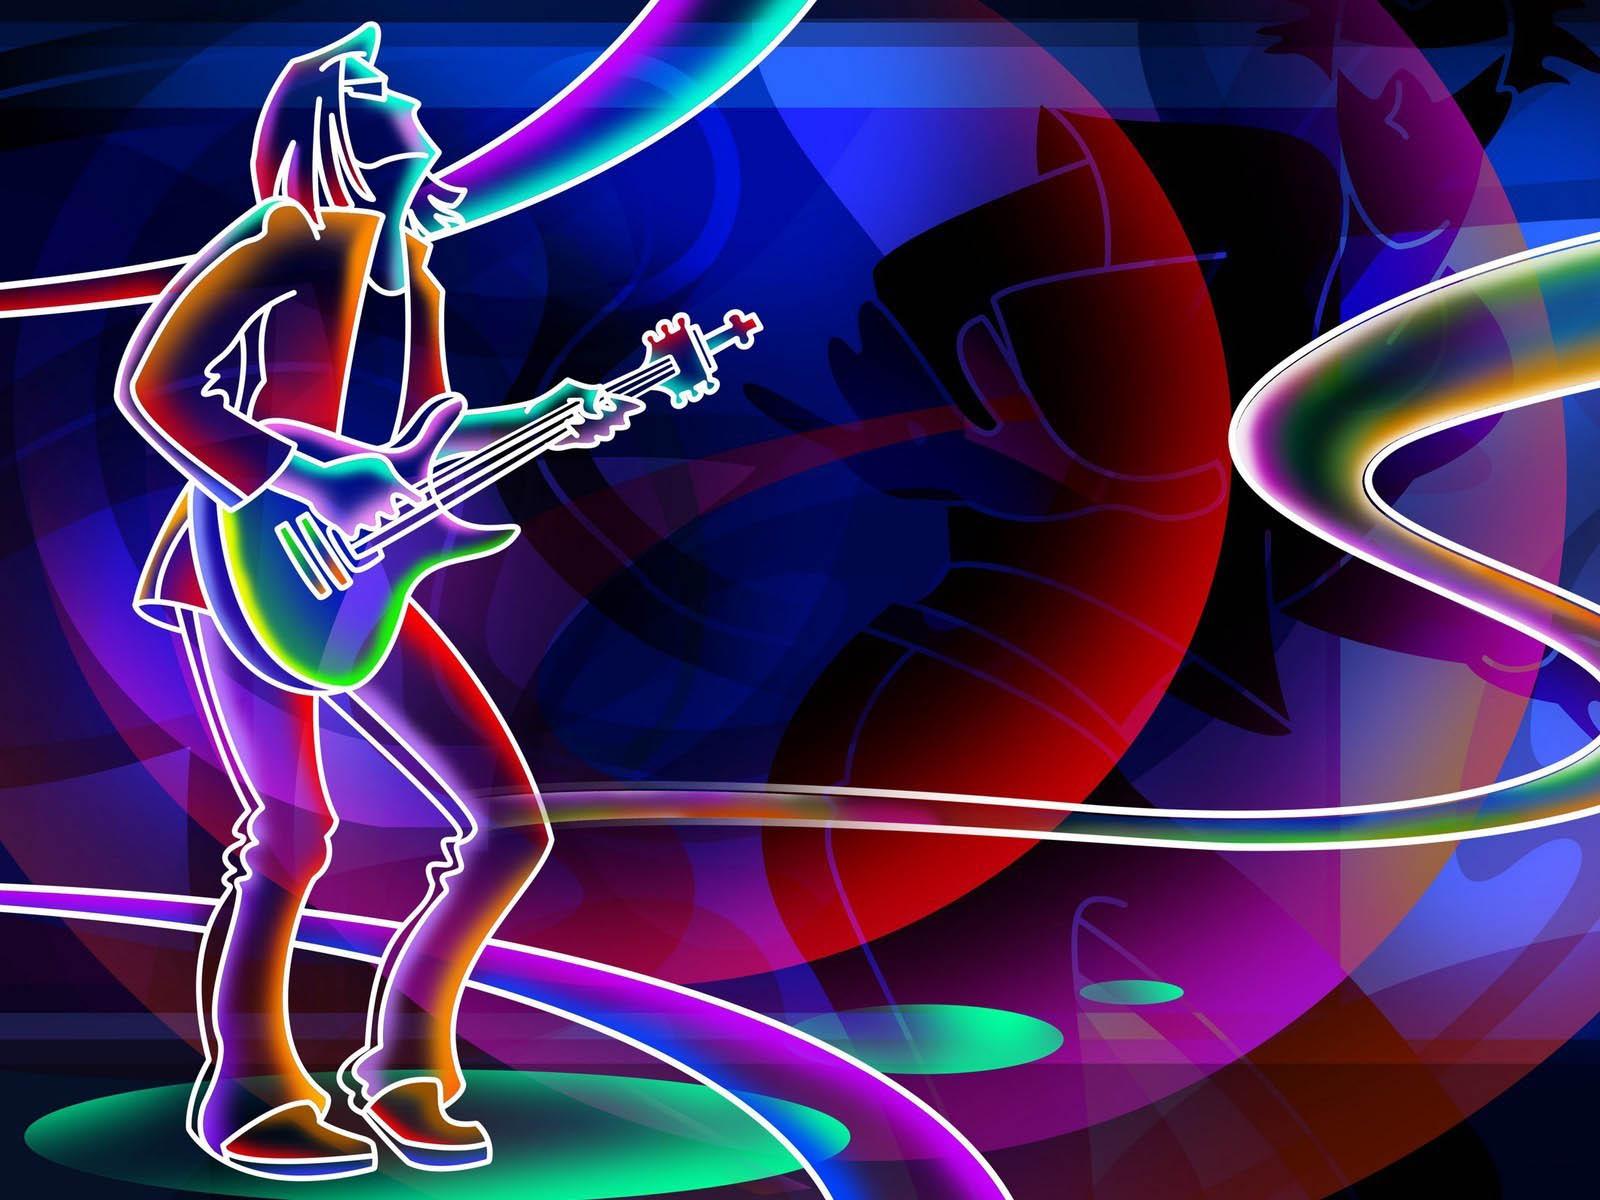 wallpapers Neon Art Wallpapers 1600x1200